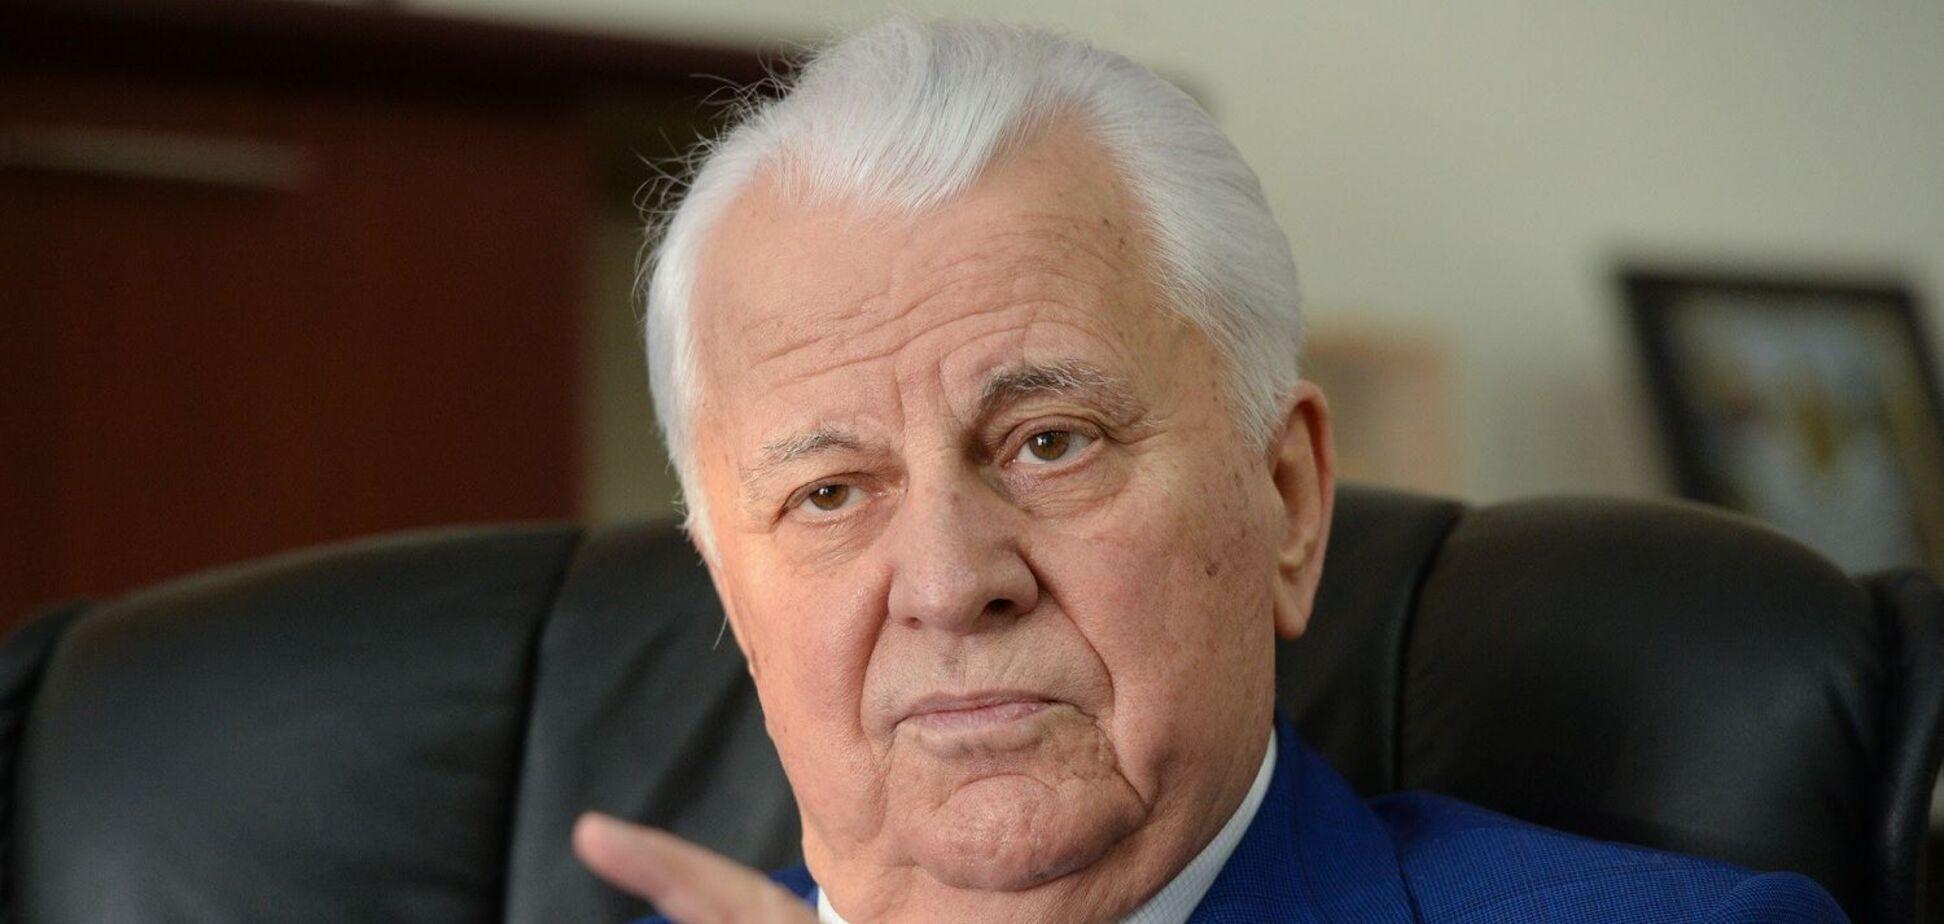 Кравчук заявил, что не видит срыва Минских соглашений из-за отмены инспекции